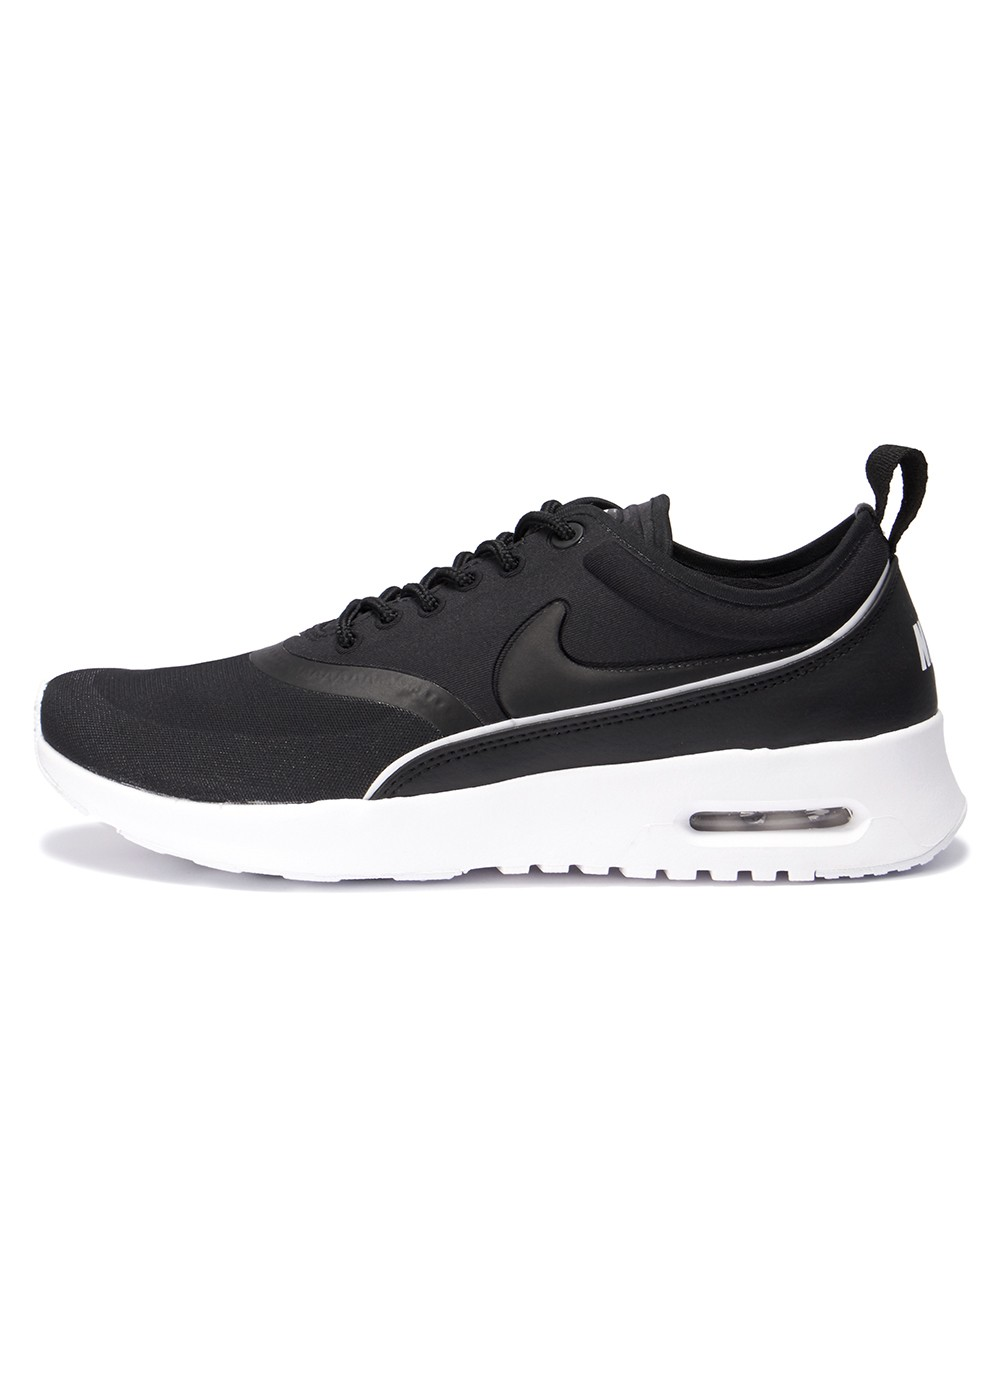 Nike WMNS Air Max Thea Ultra 844926 004